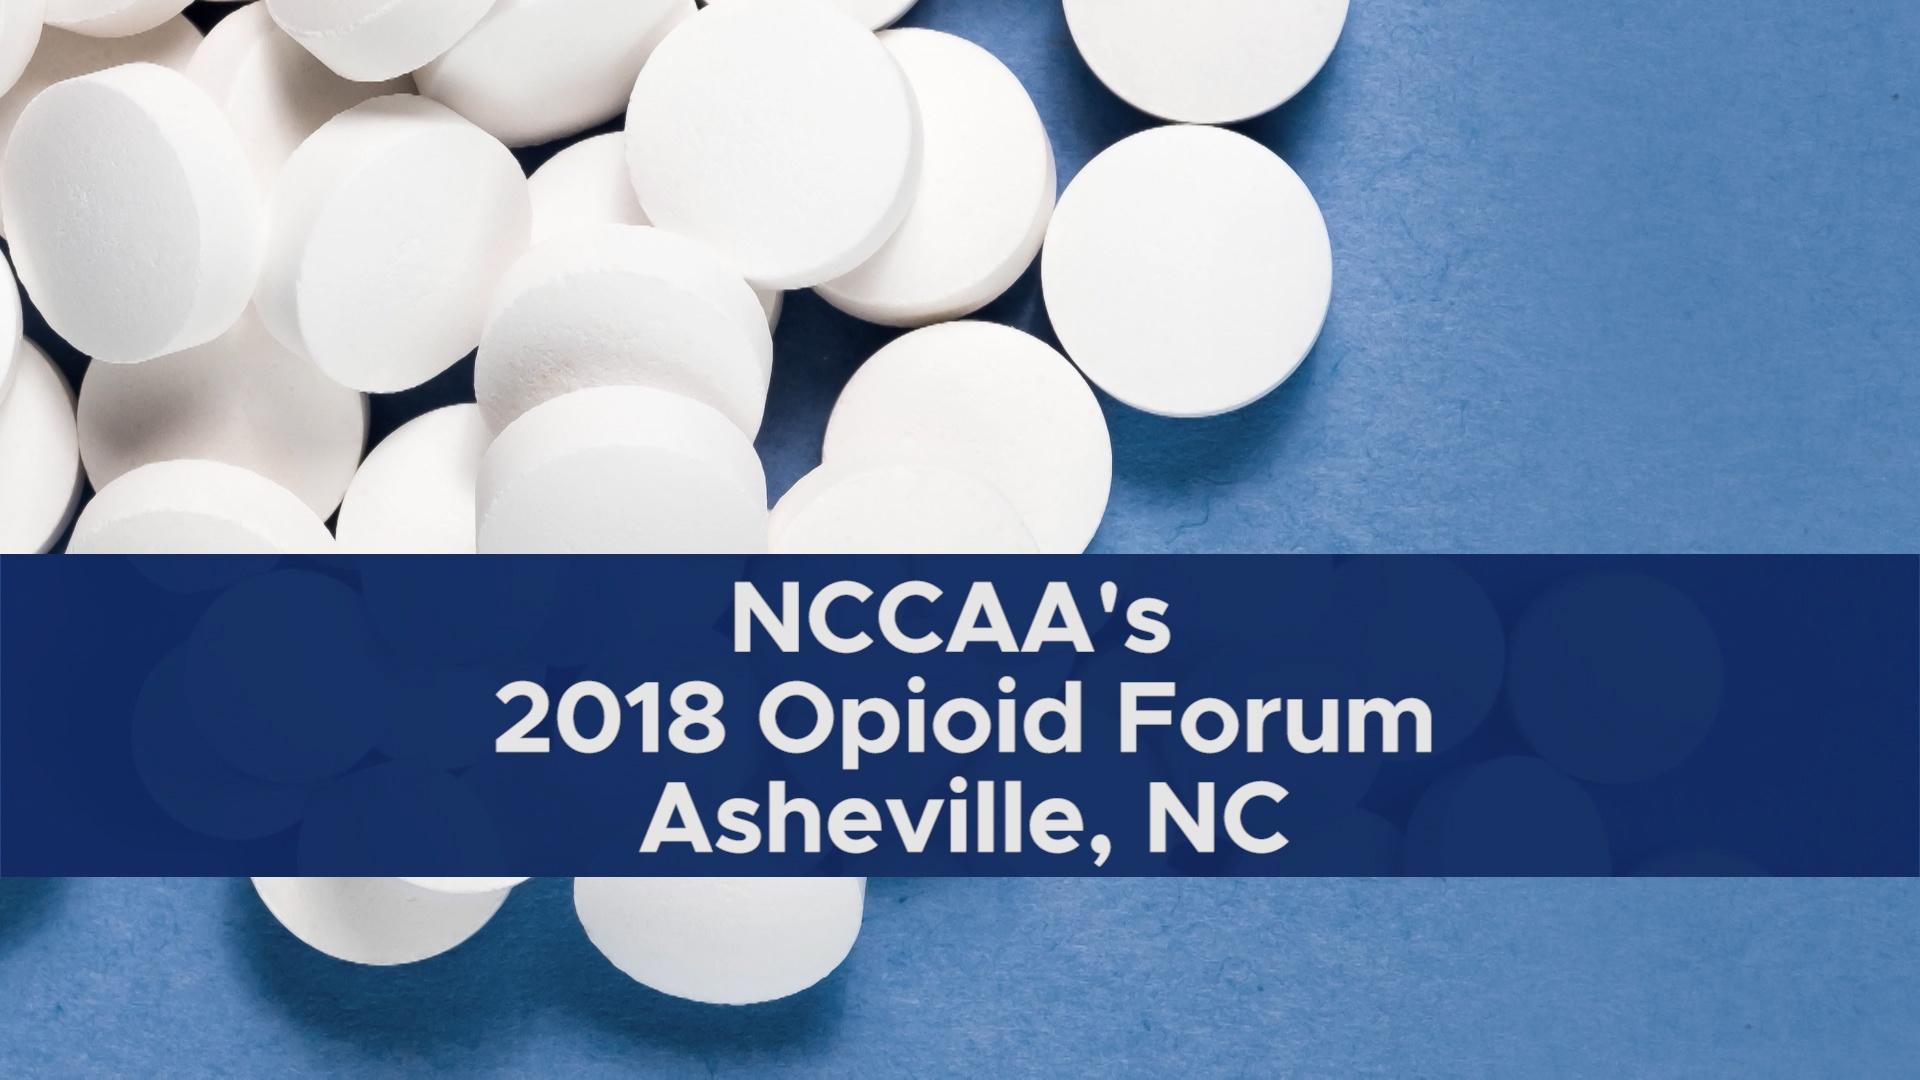 NCCAA's 2018 Opioid Forum, Asheville, NC